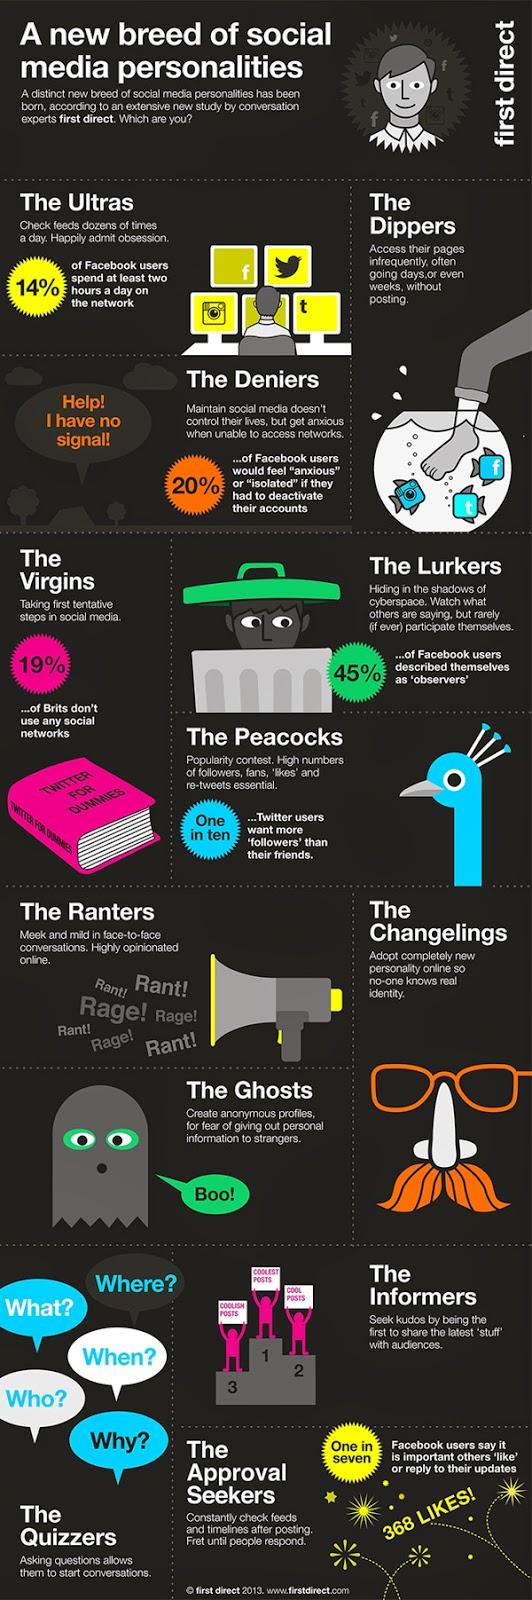 12 jenis sifat dan kepribadian penguna sosial media